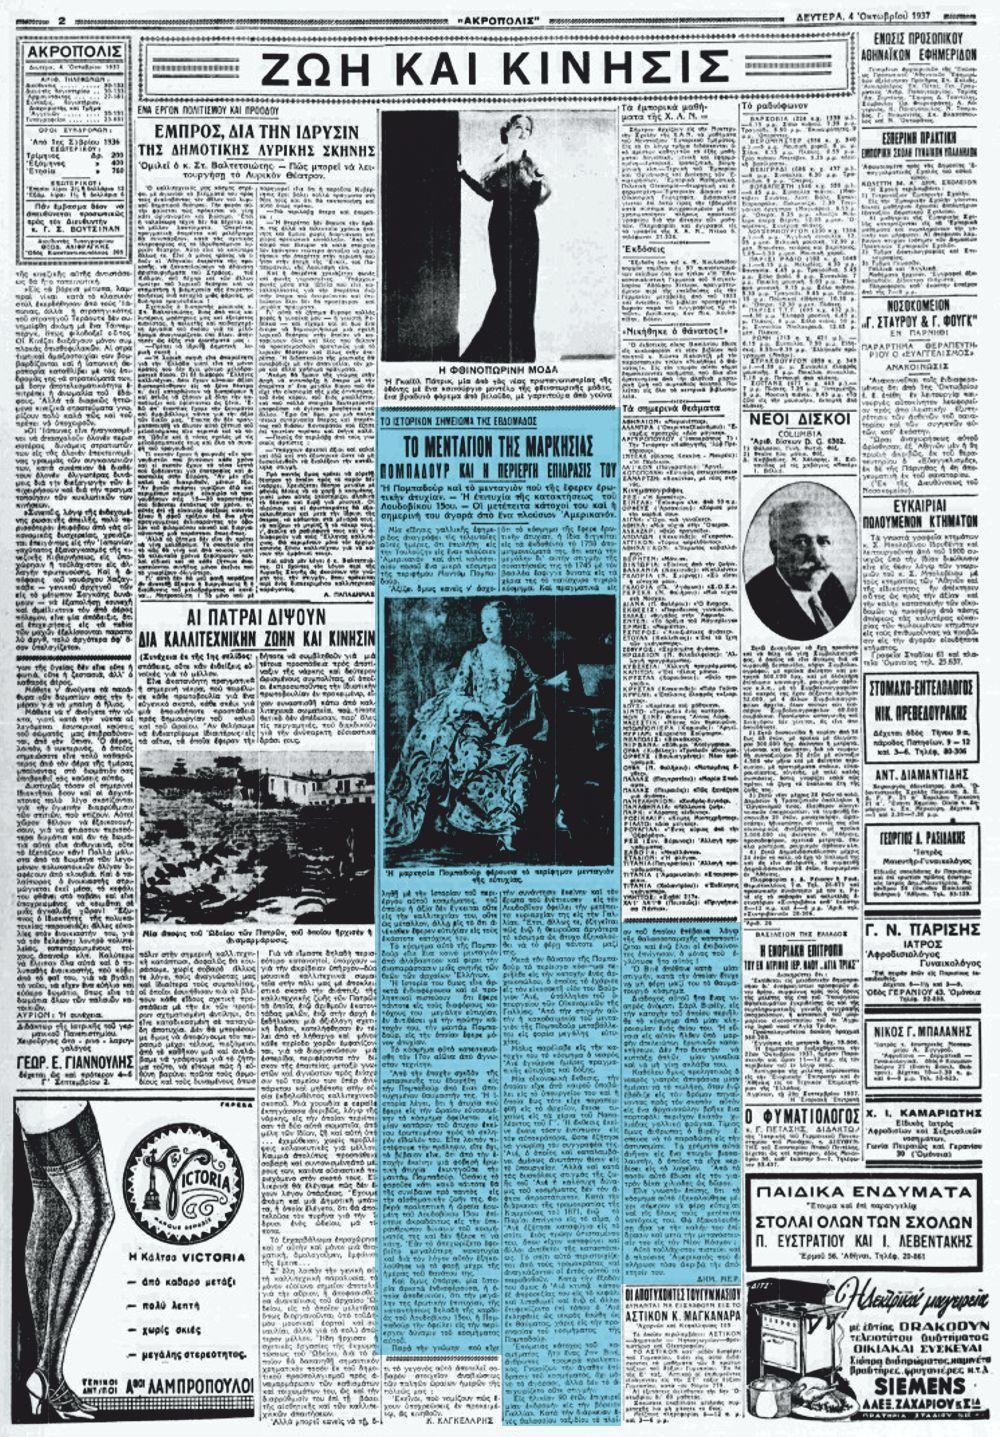 """Το άρθρο, όπως δημοσιεύθηκε στην εφημερίδα """"ΑΚΡΟΠΟΛΙΣ"""", στις 04/10/1937"""